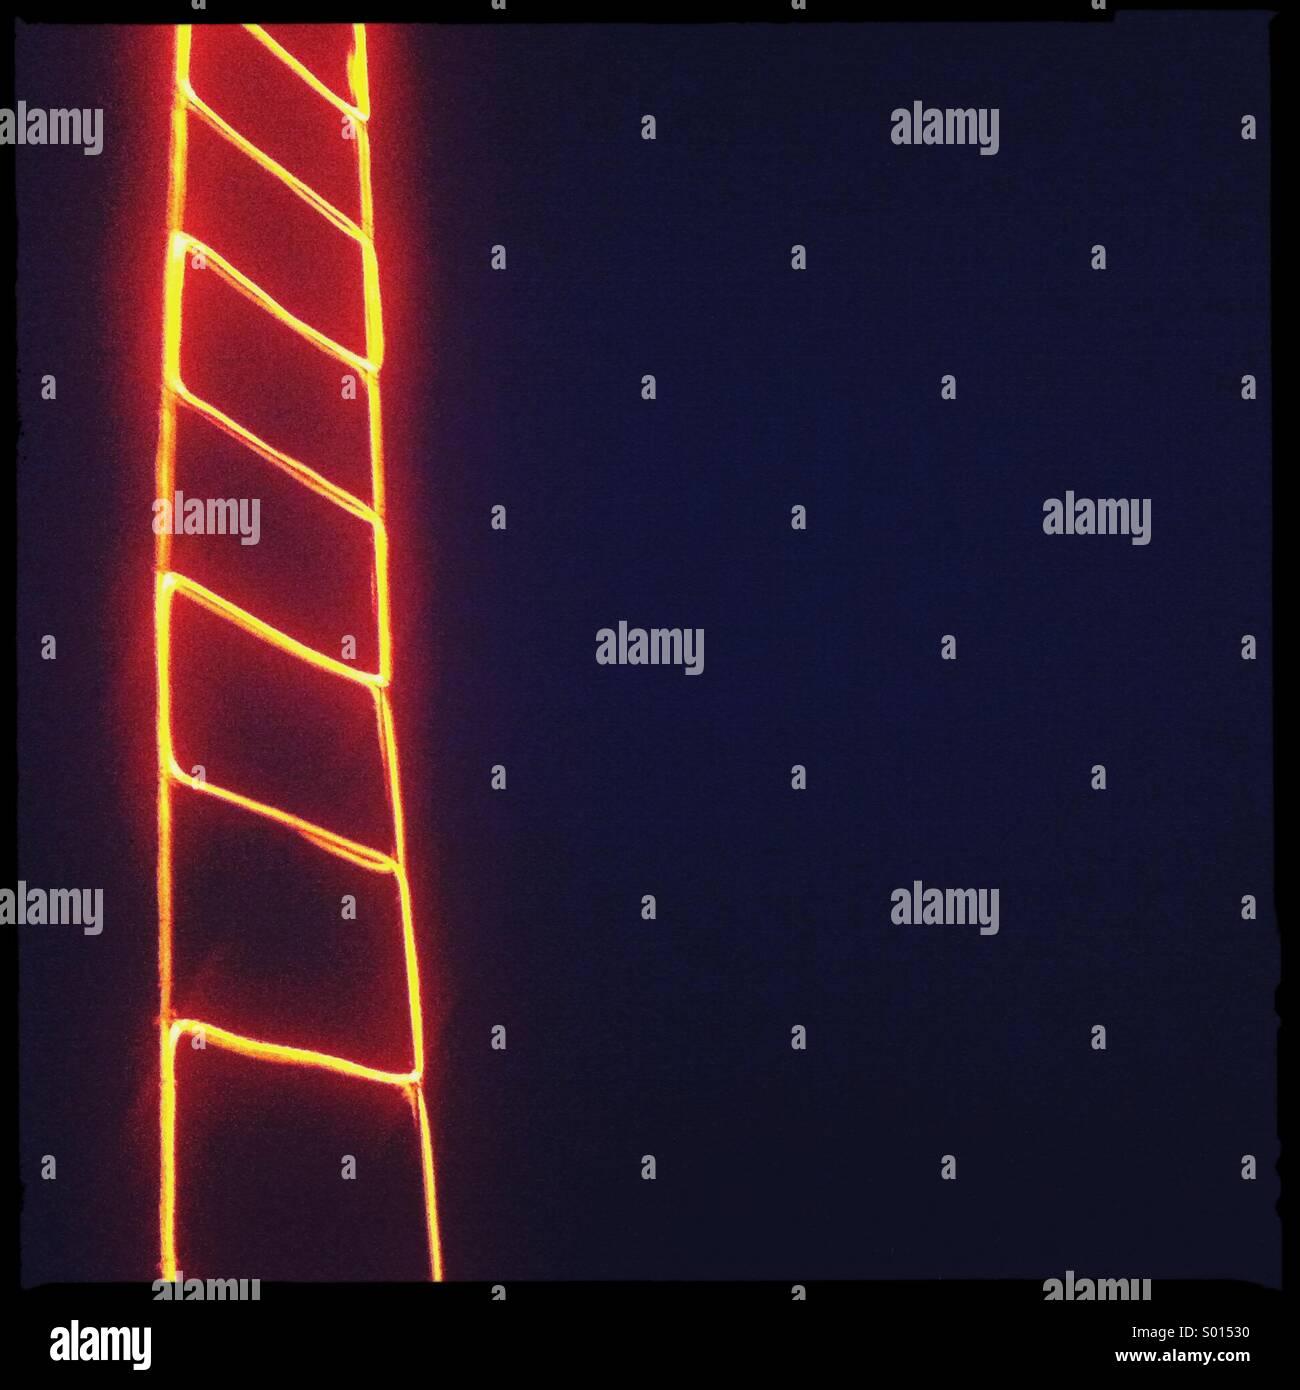 Orange led let up ladder on black background - Stock Image